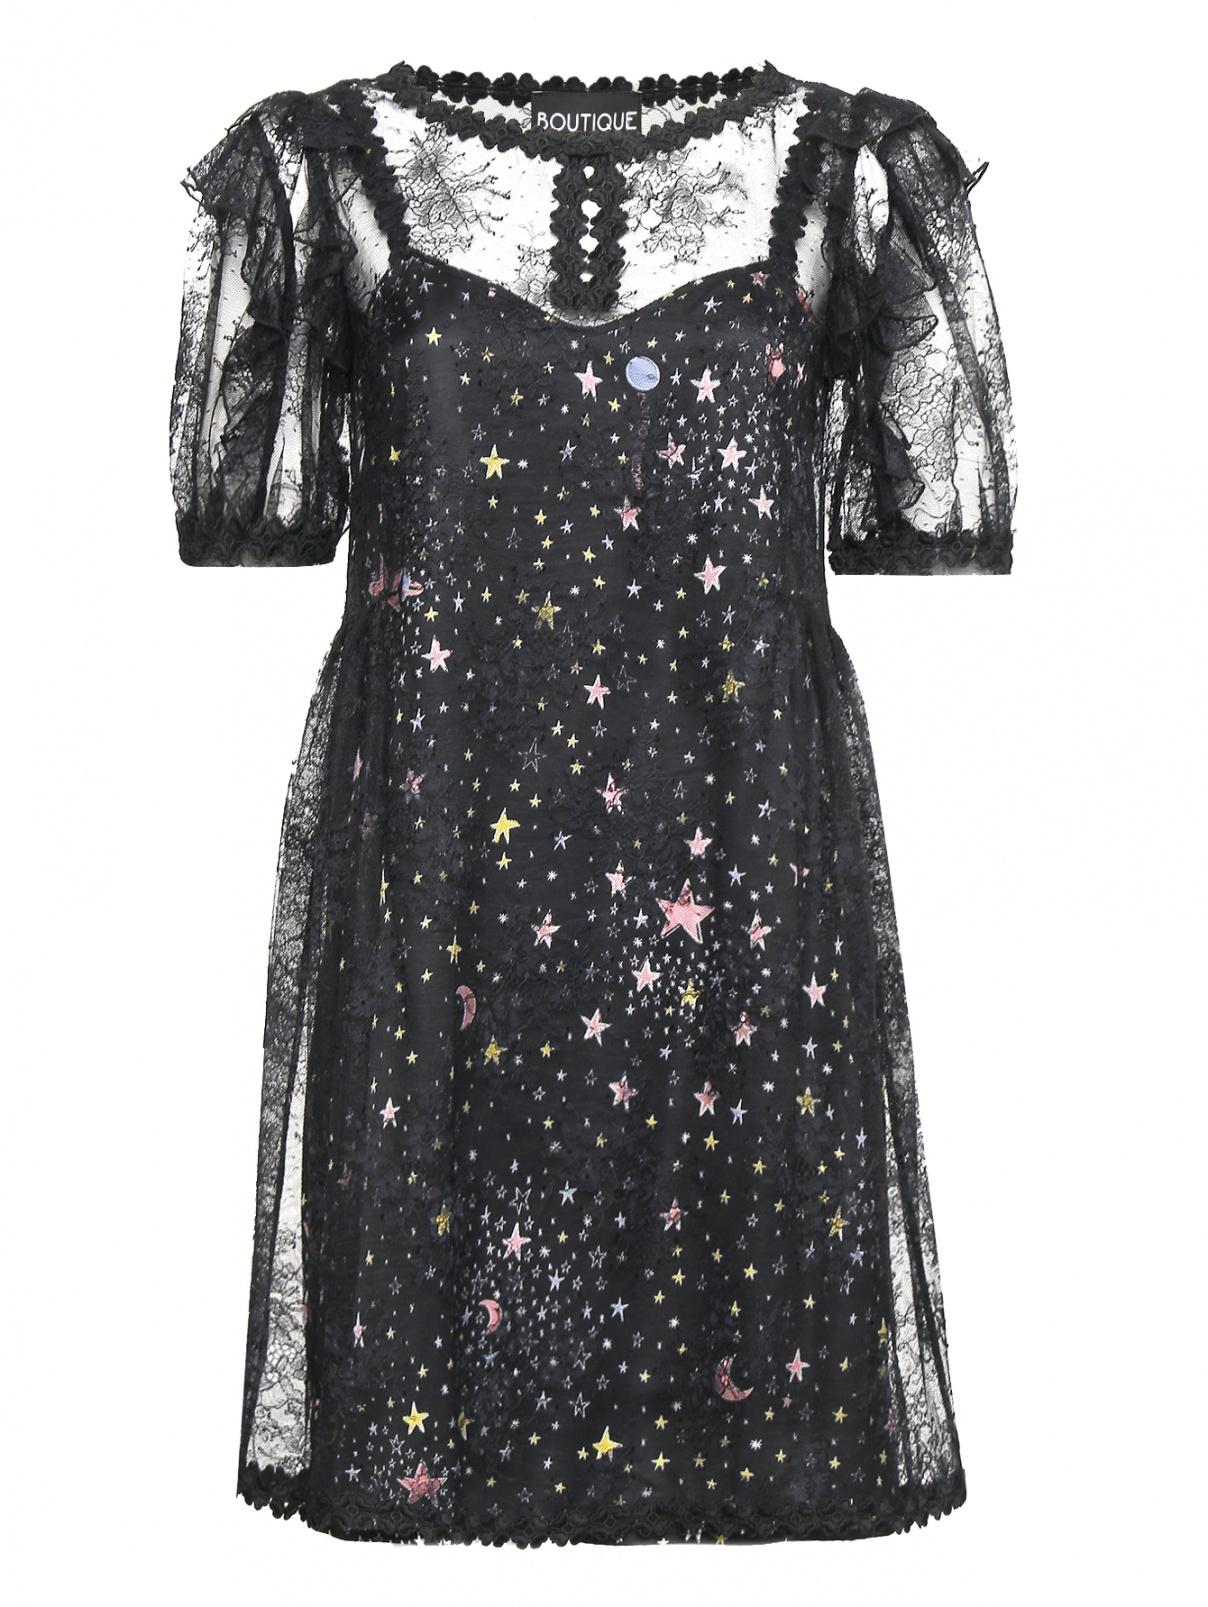 Платье из кружева с узором BOUTIQUE MOSCHINO  –  Общий вид  – Цвет:  Черный